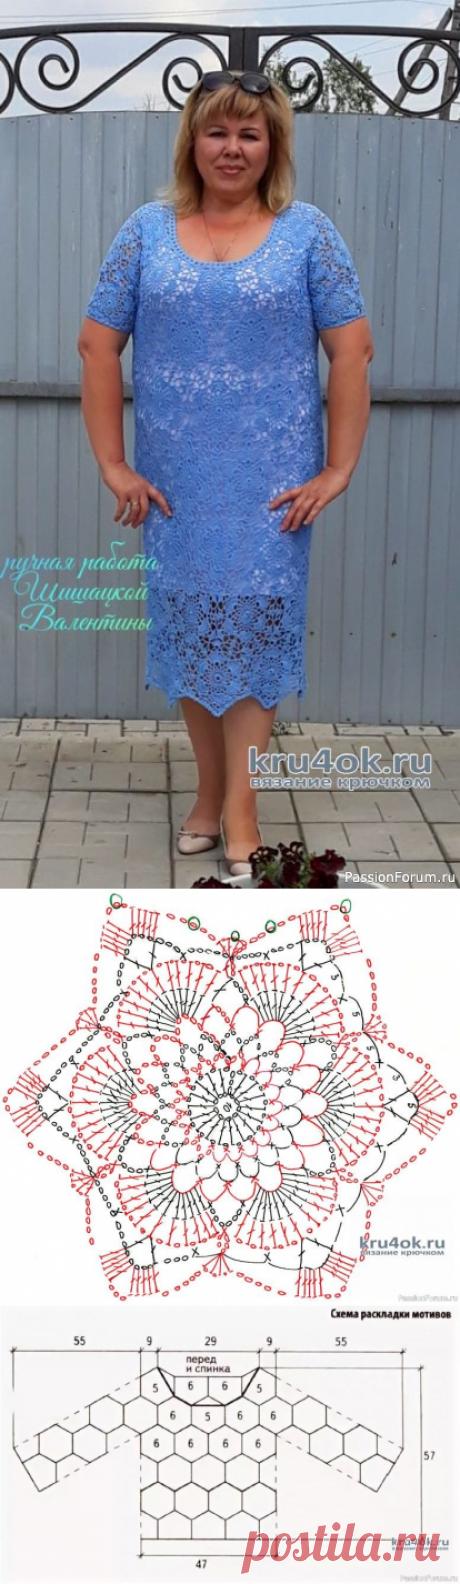 Женское платье крючком Незабудка. | Женская одежда крючком. Схемы и описание